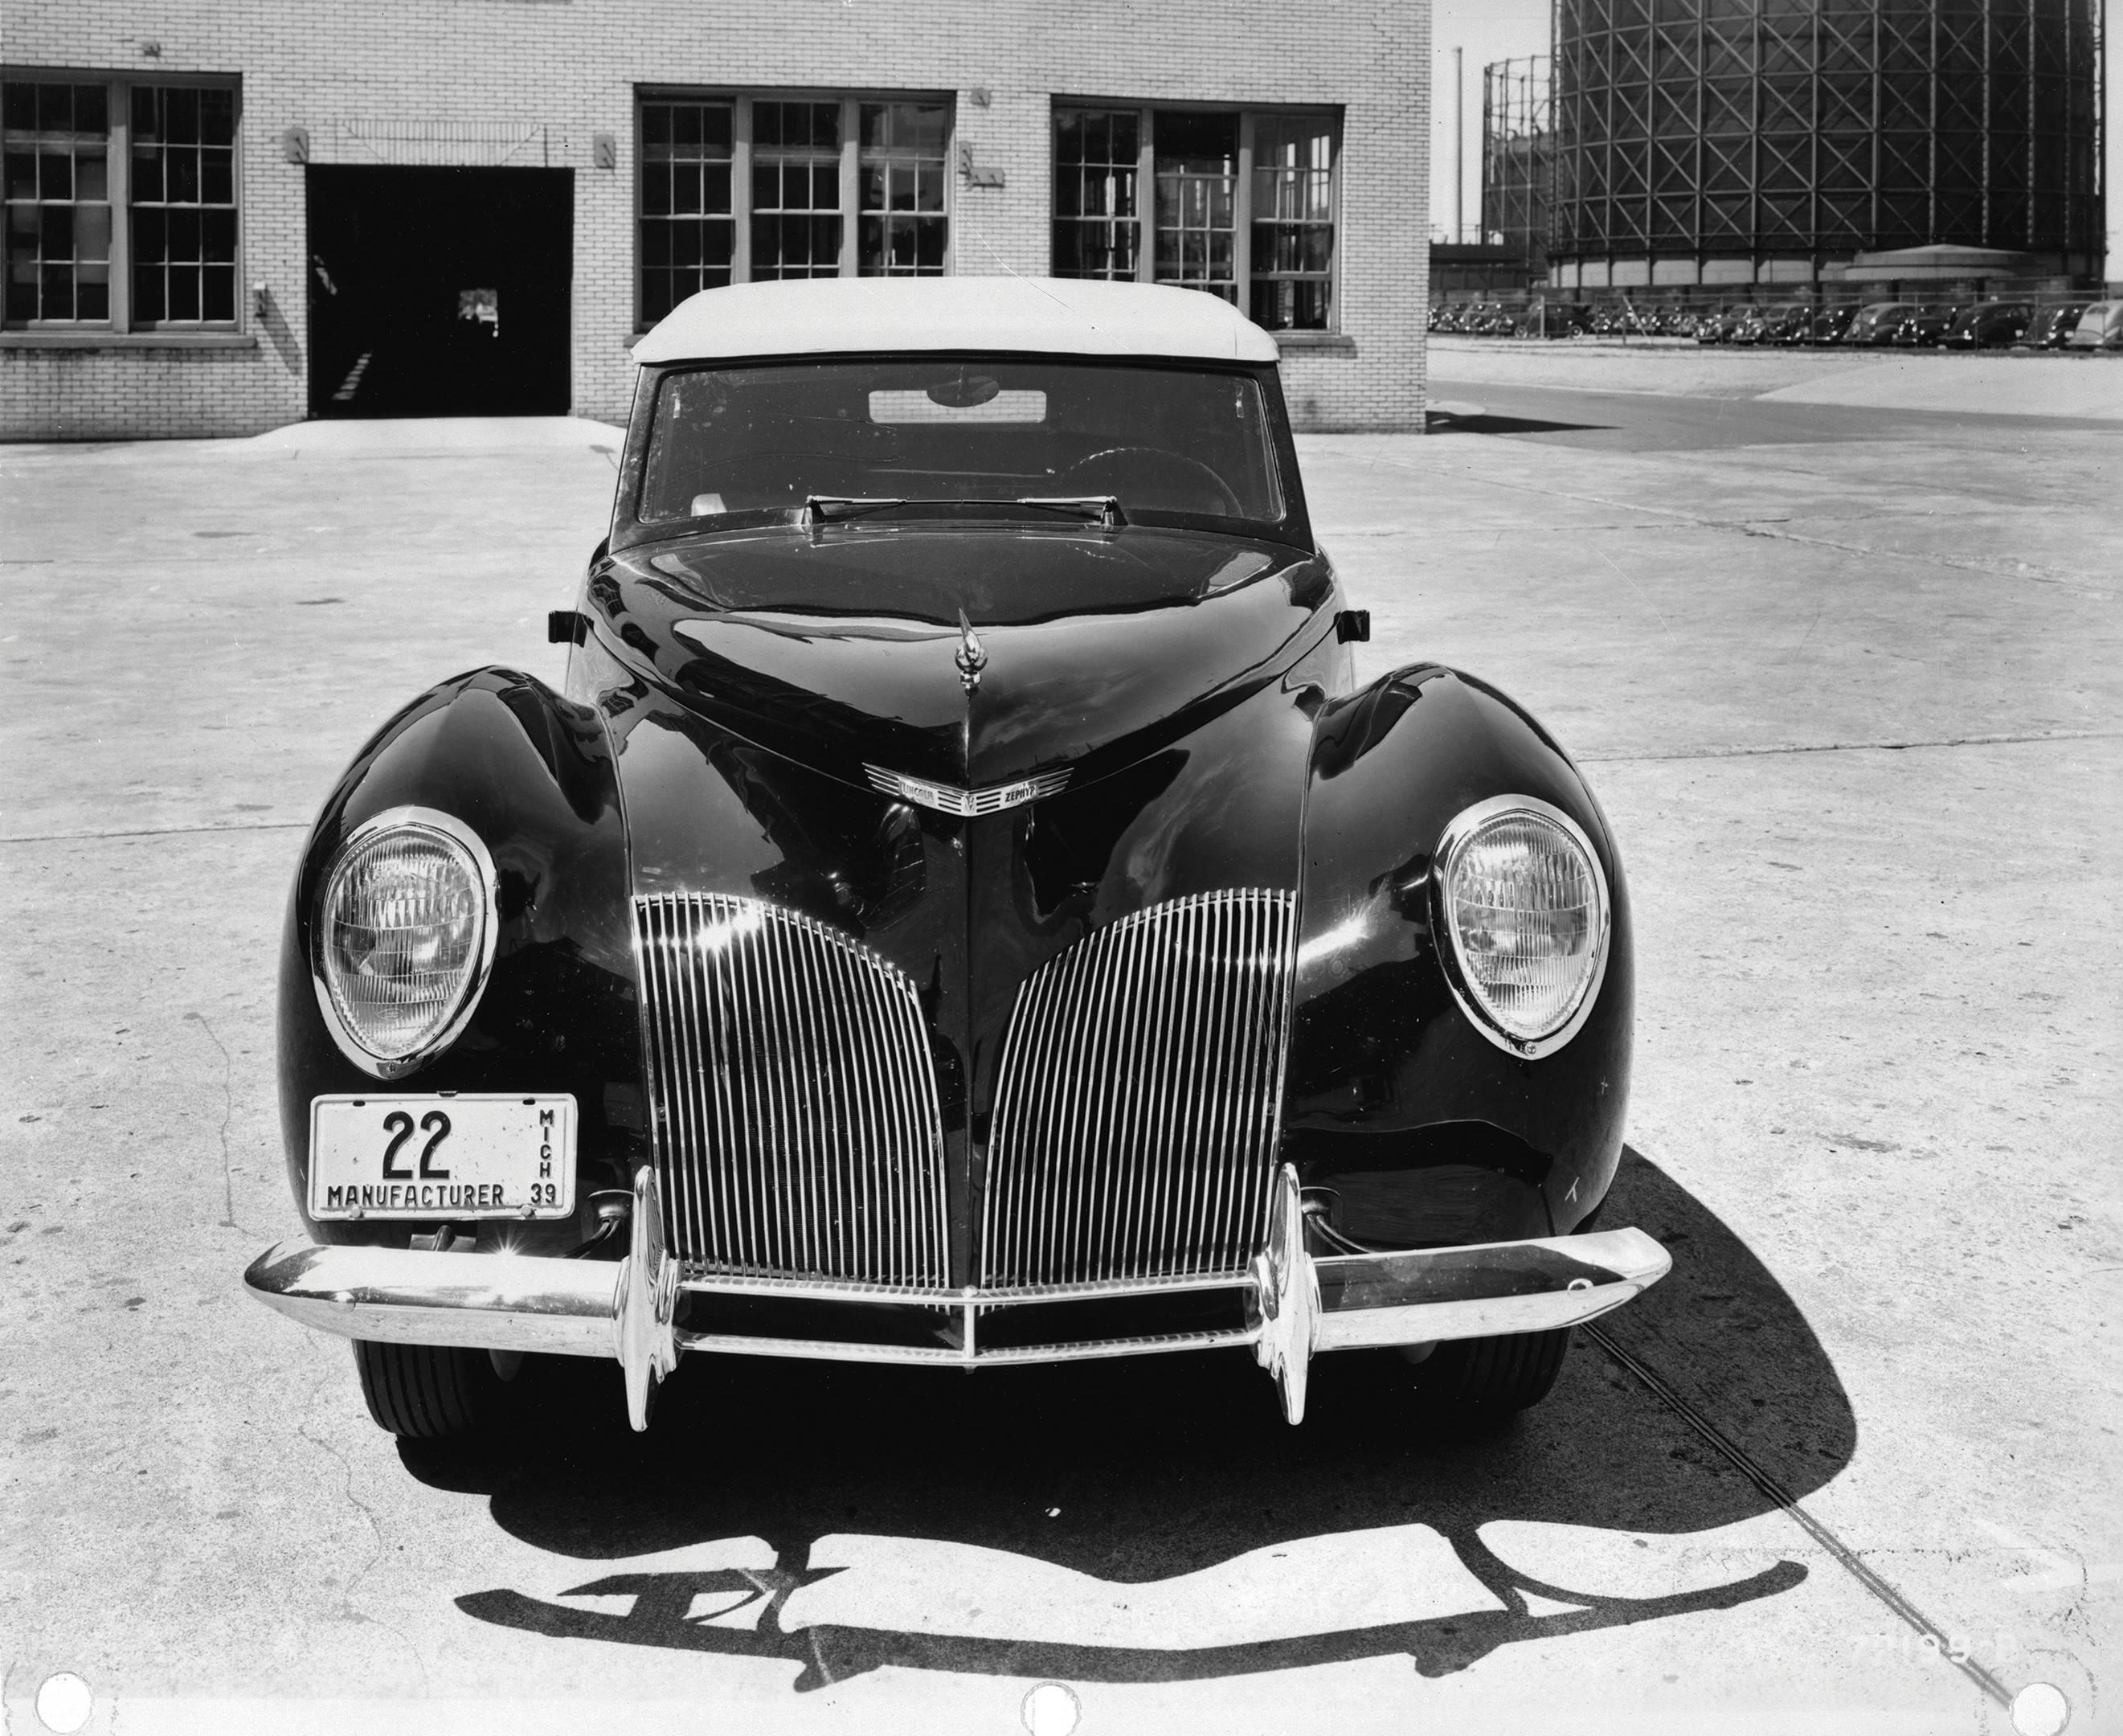 1937 zephyr